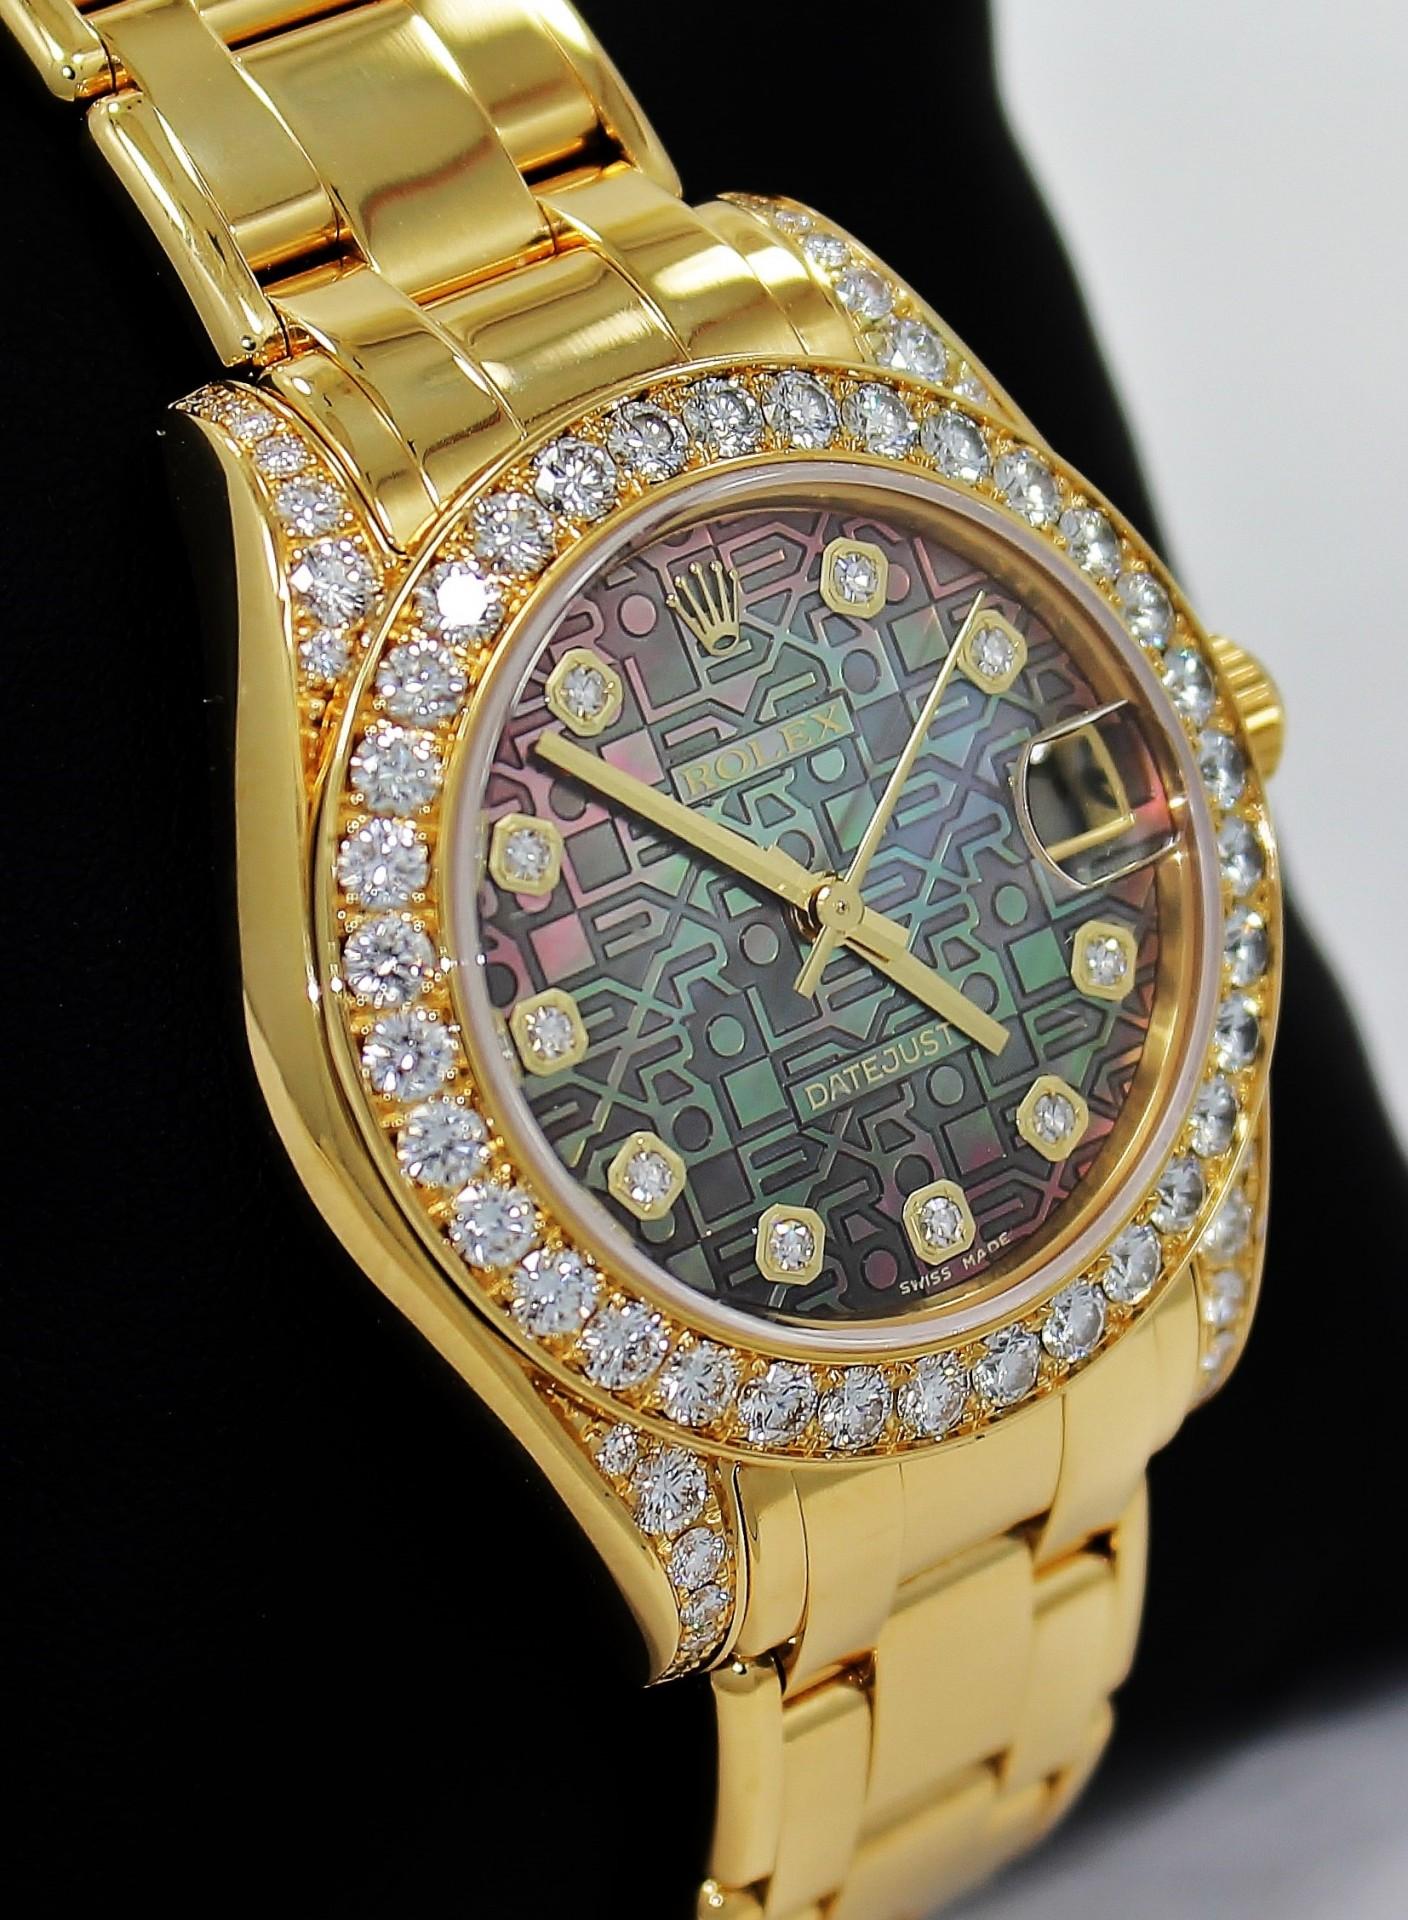 Diamond rolex replica - Rolex Pearlmaster Fake Yellow Gold 34 1